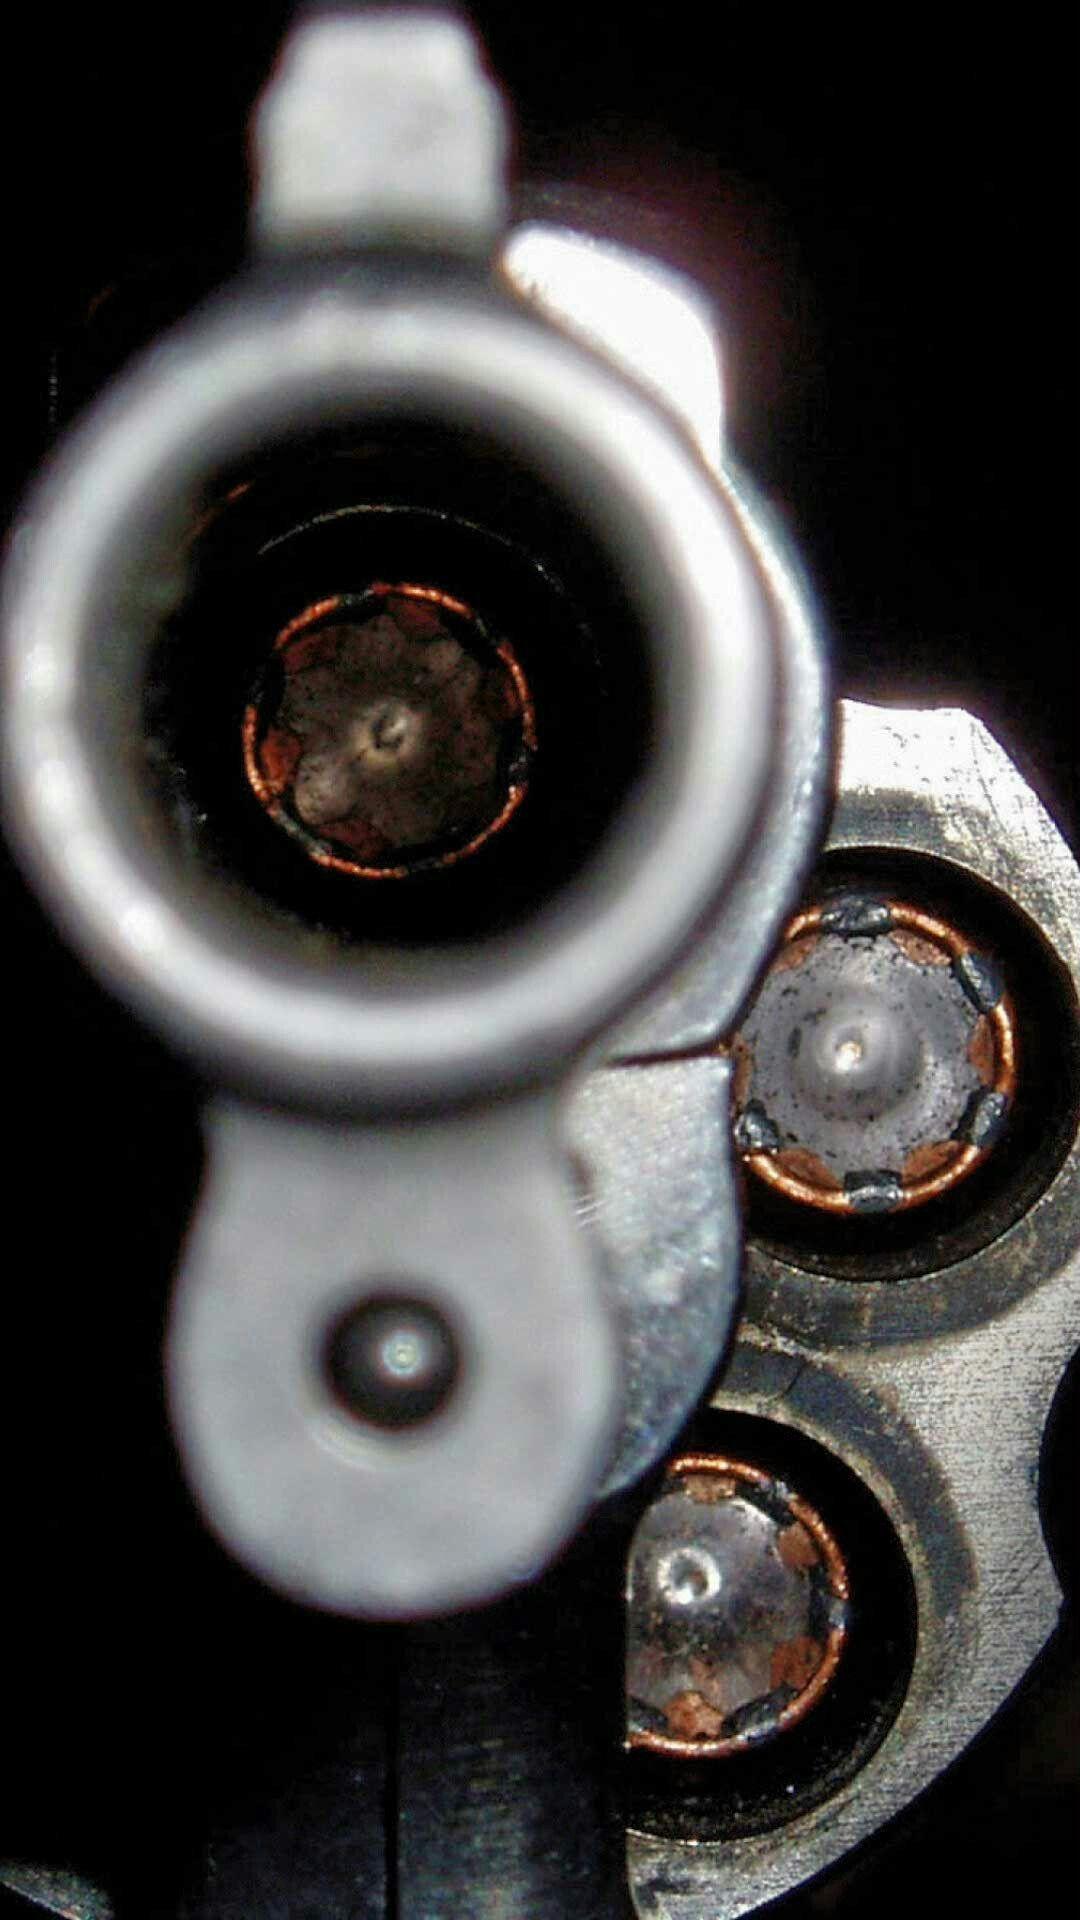 44 Magnum マグナム銃 の画像 投稿者 房治 中山 さん 2020